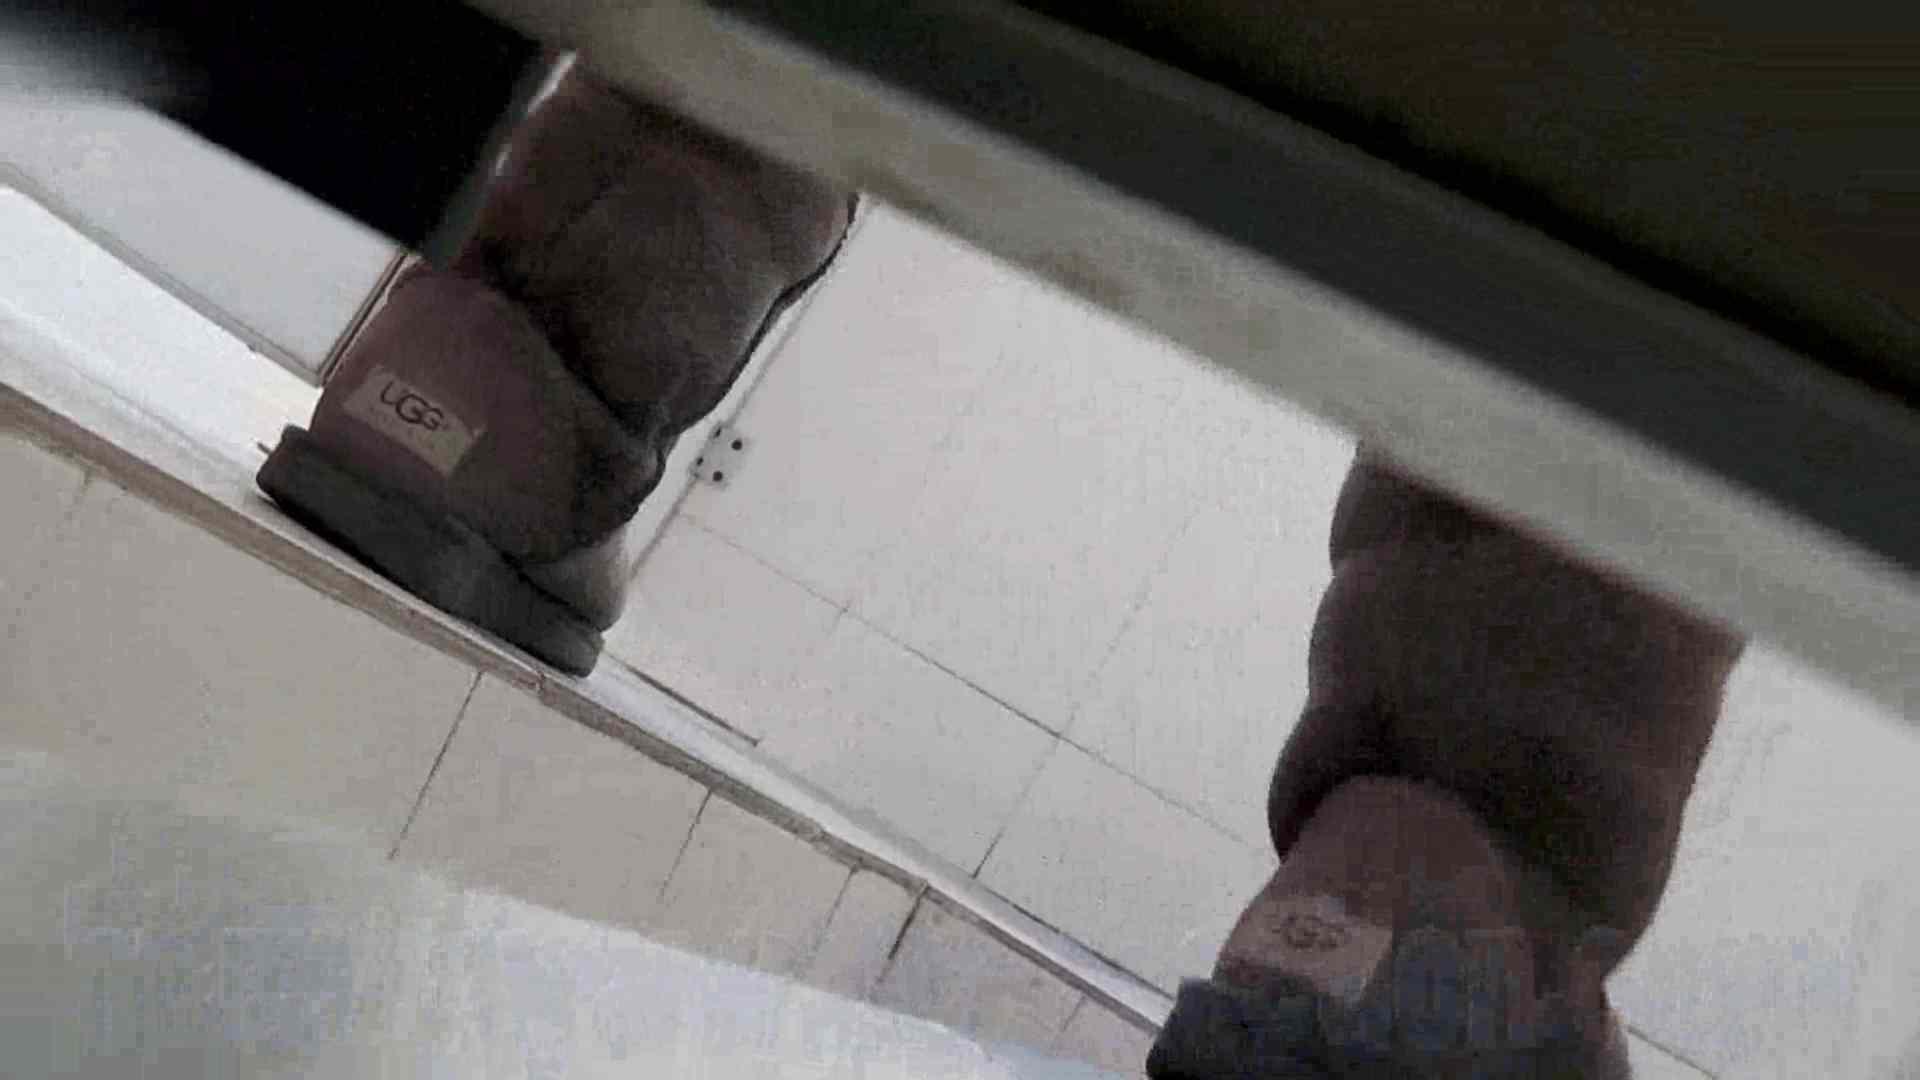 なんだこれ!! Vol.08 遂に美女登場!! OLエロ画像 隠し撮りオマンコ動画紹介 94PICs 62